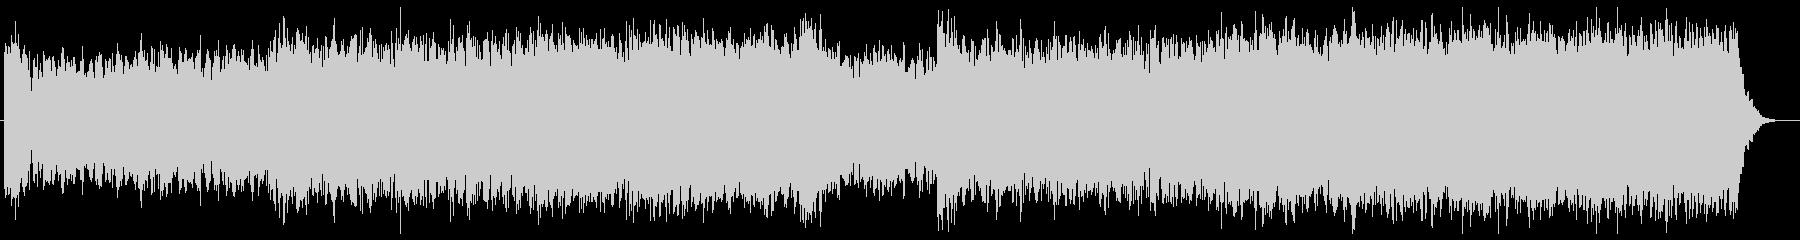 シンセとストリングスのサイバーな映像音楽の未再生の波形